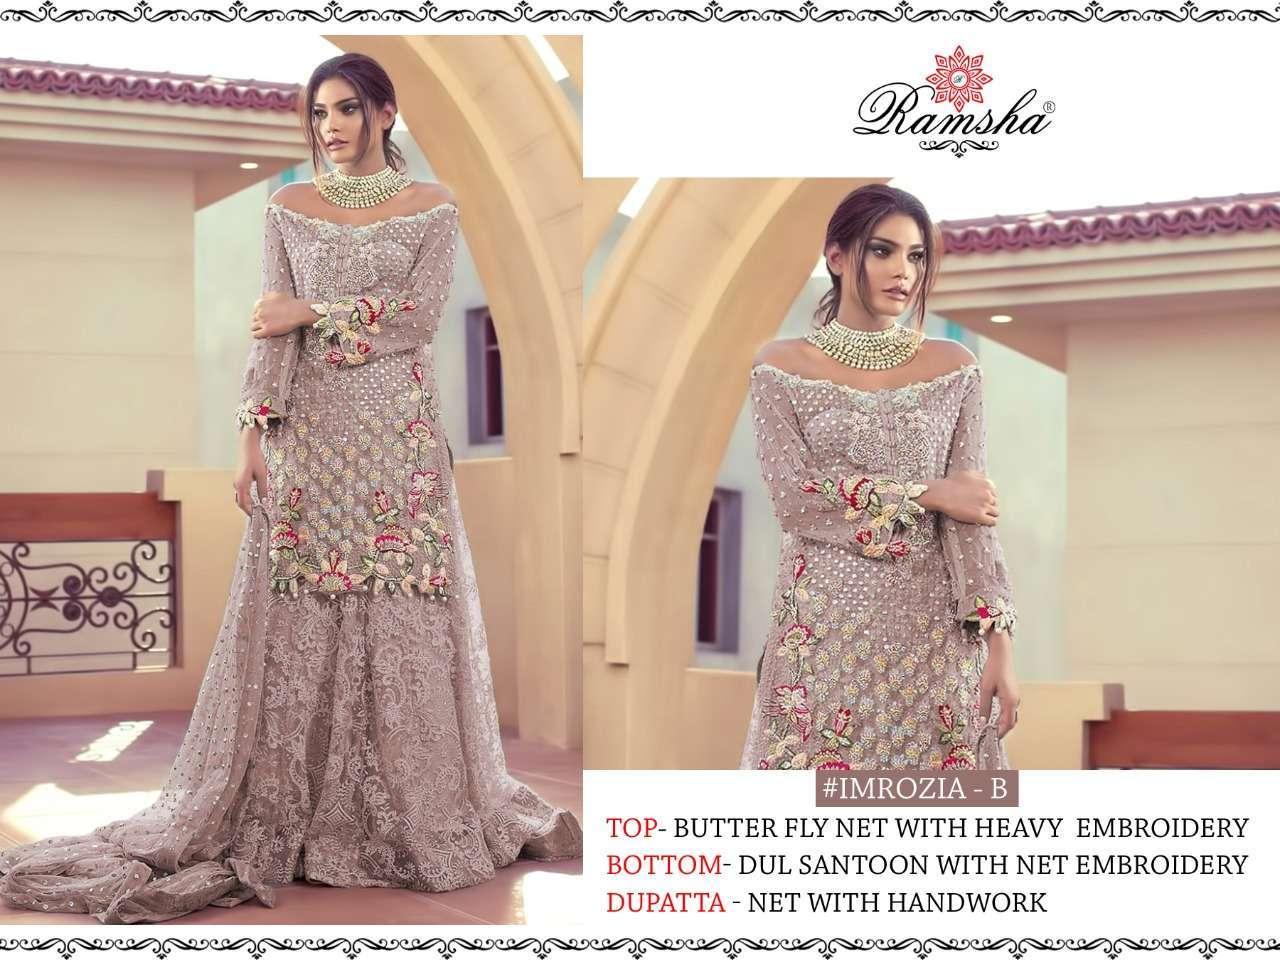 Ramsha Imrozia Nx with embroidery wotk pakisatni suit collection